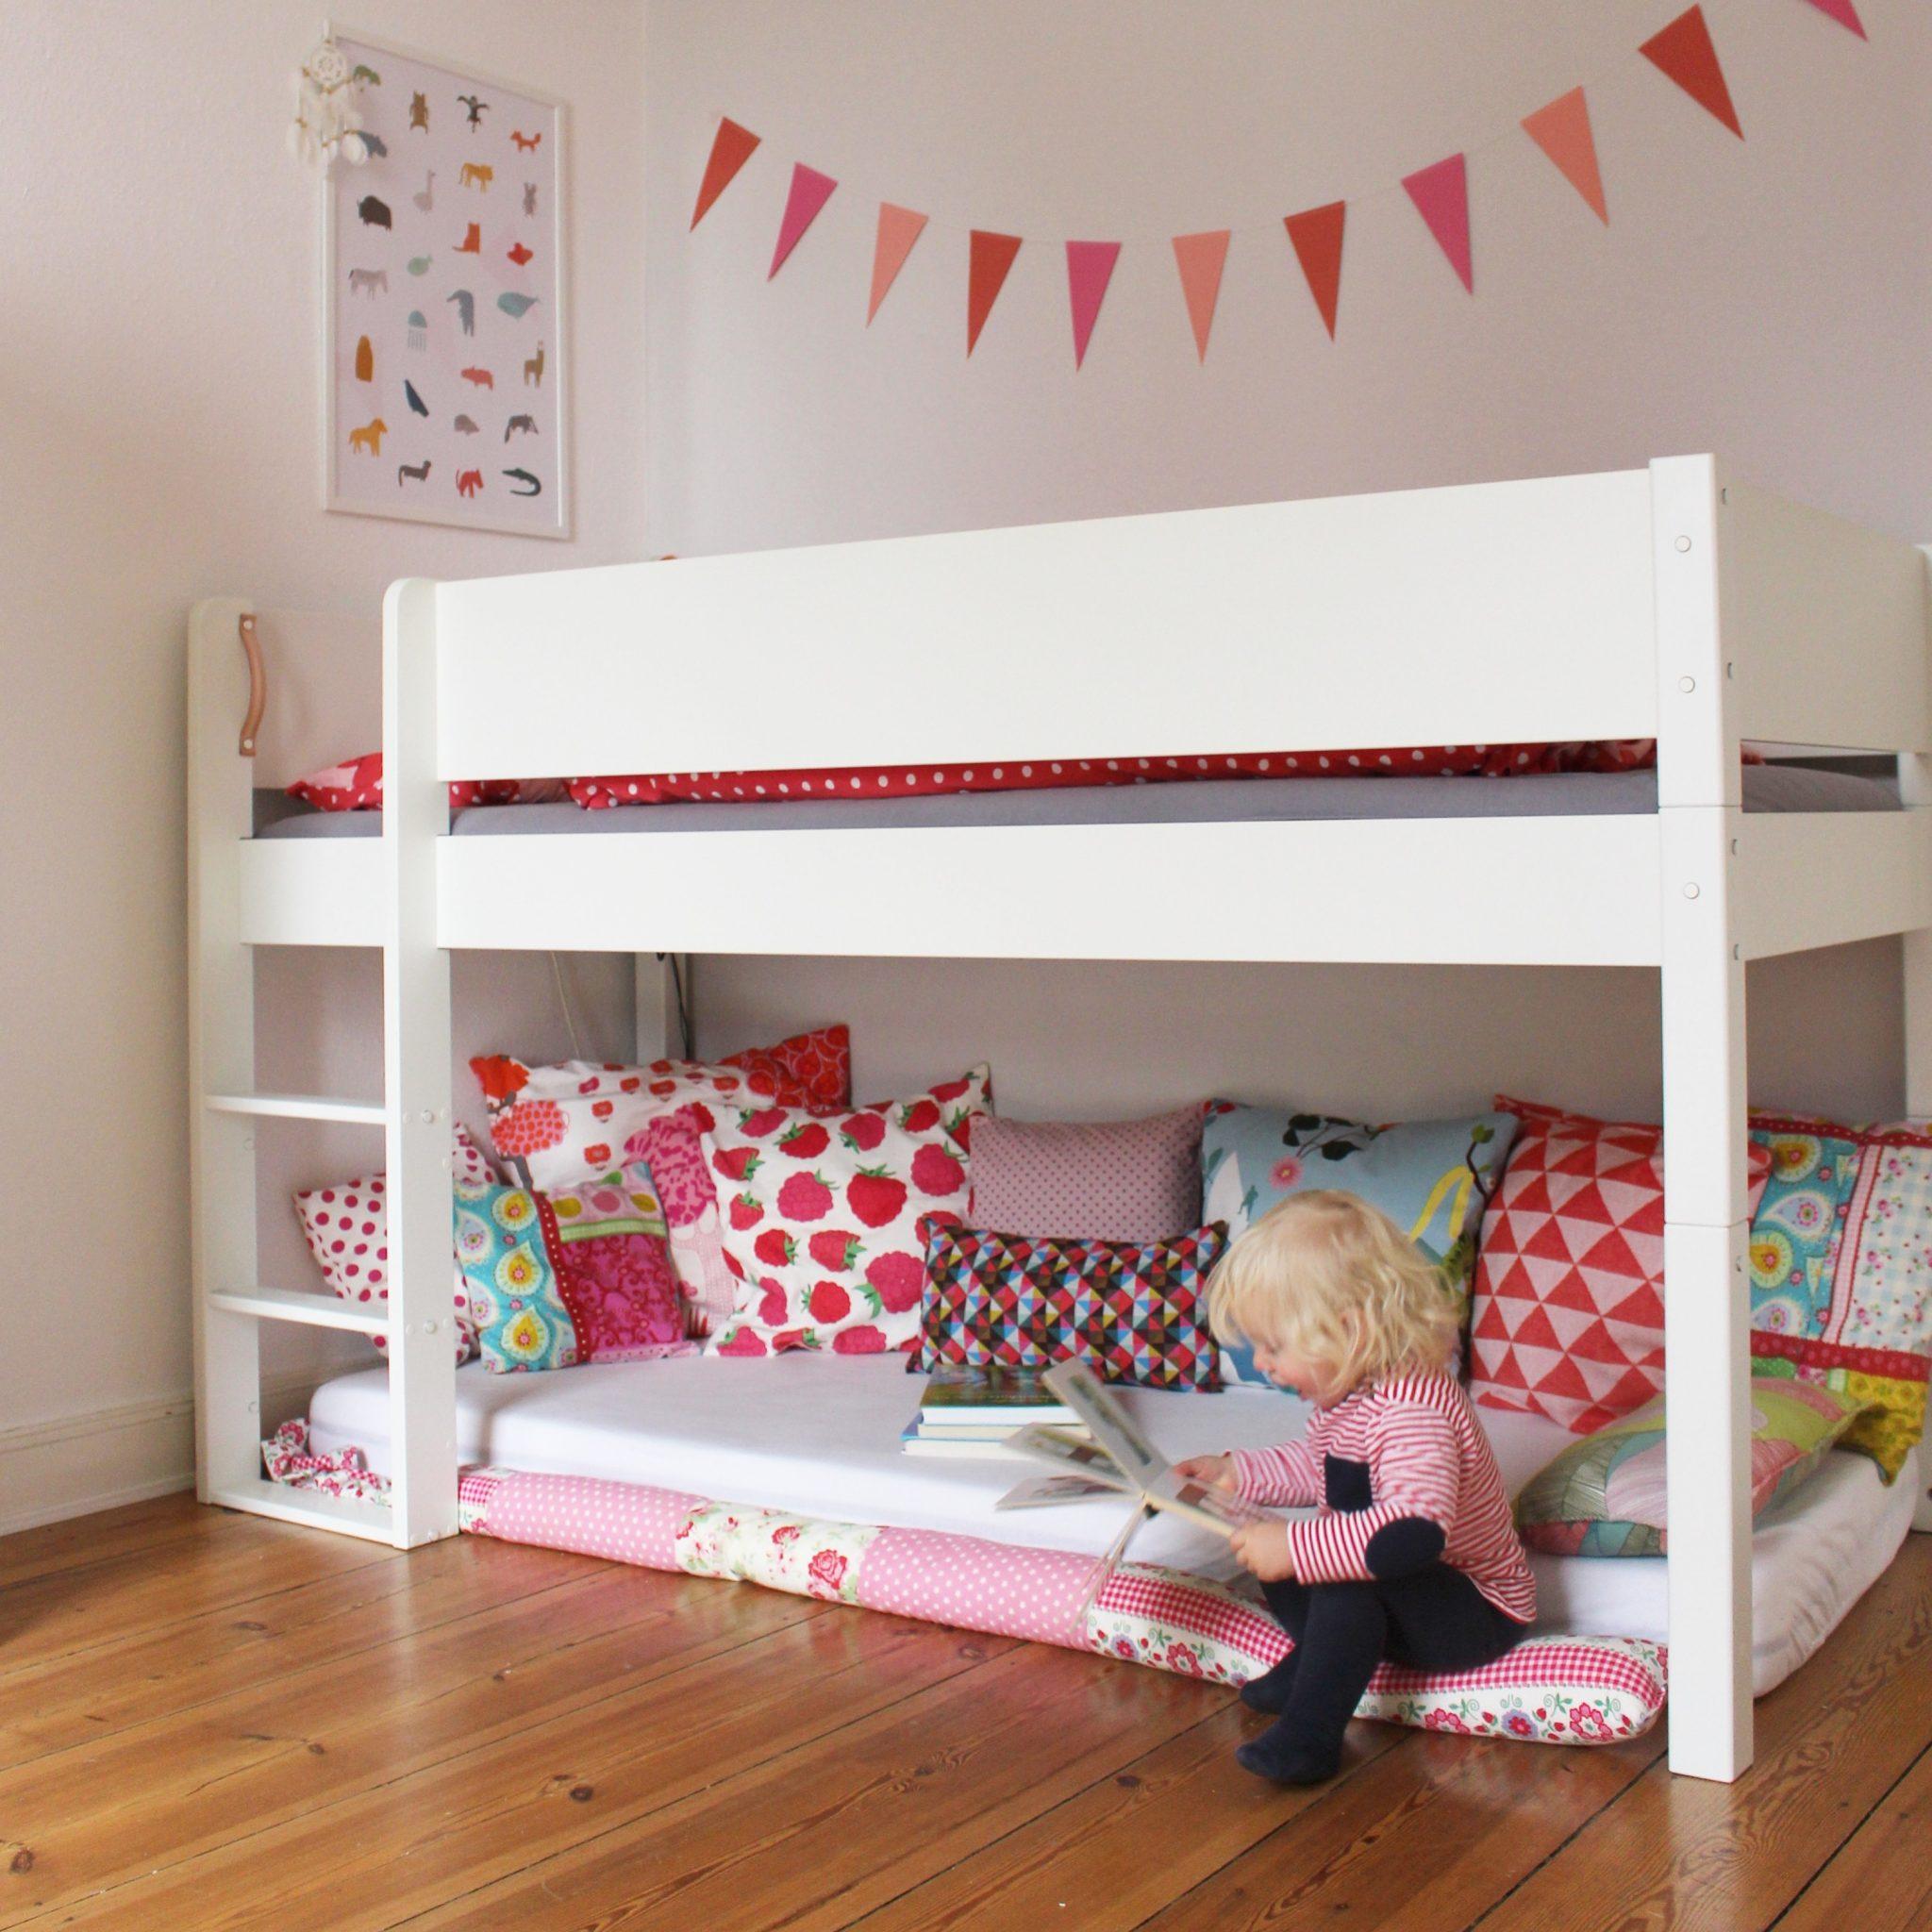 Full Size of Hochbett Kinderzimmer Was Ist Das Richtige Alter Fr Ein Unser Neues Regal Weiß Regale Sofa Kinderzimmer Hochbett Kinderzimmer